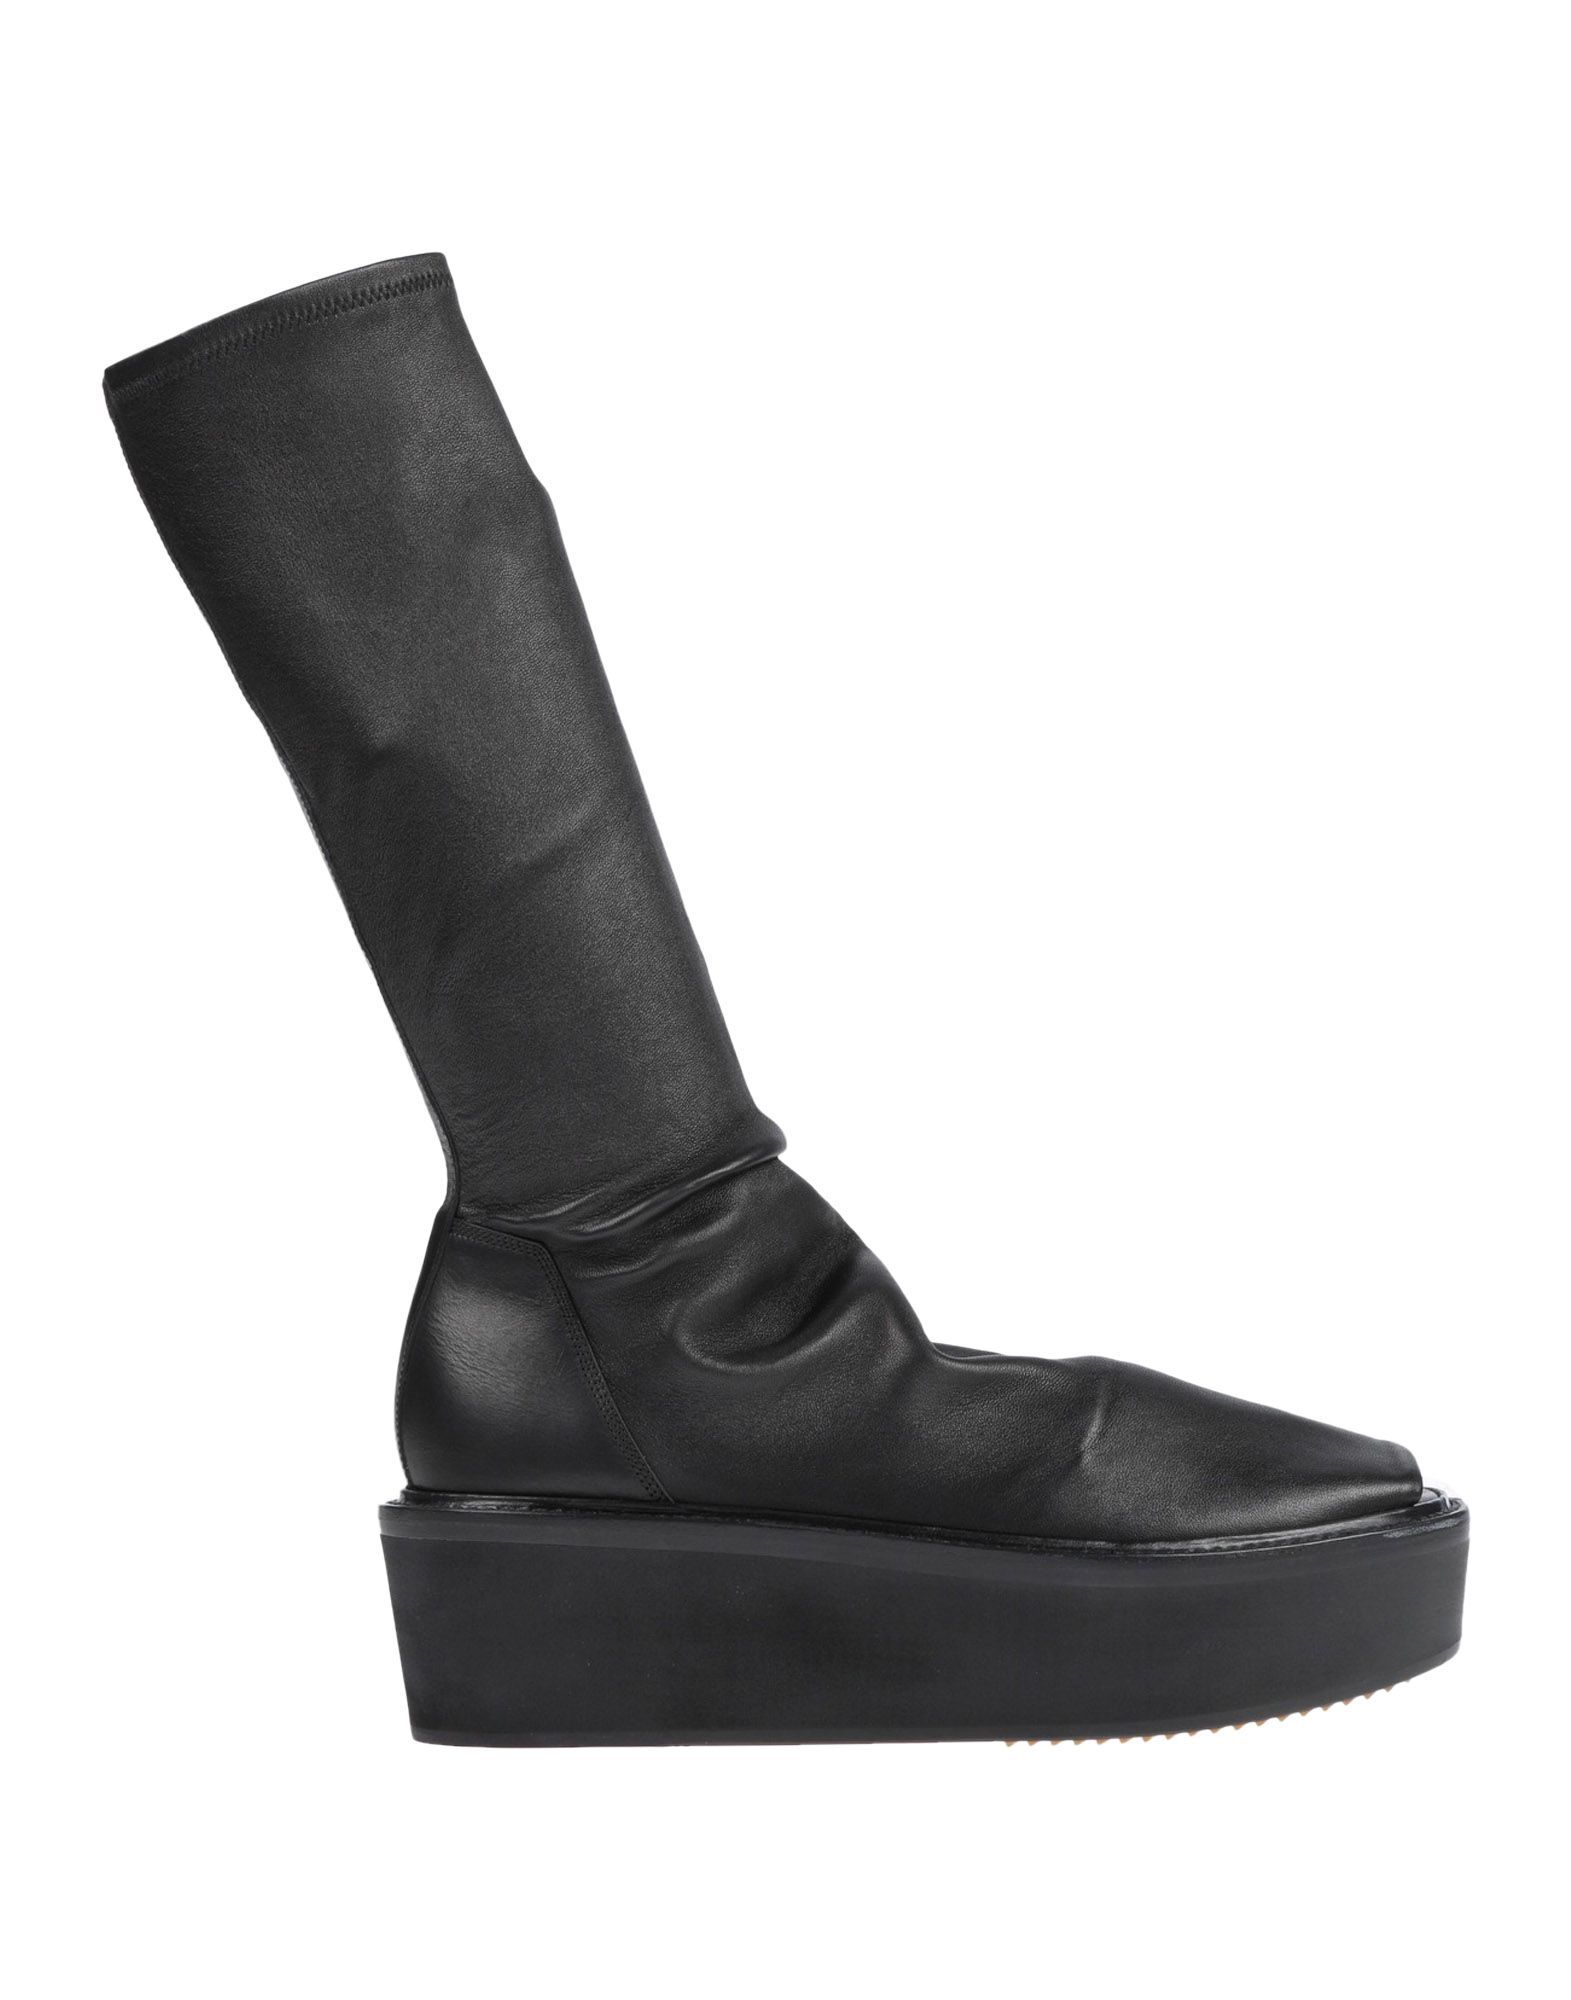 Rick Owens Stiefelette Herren  11518006PX Gute Qualität beliebte Schuhe